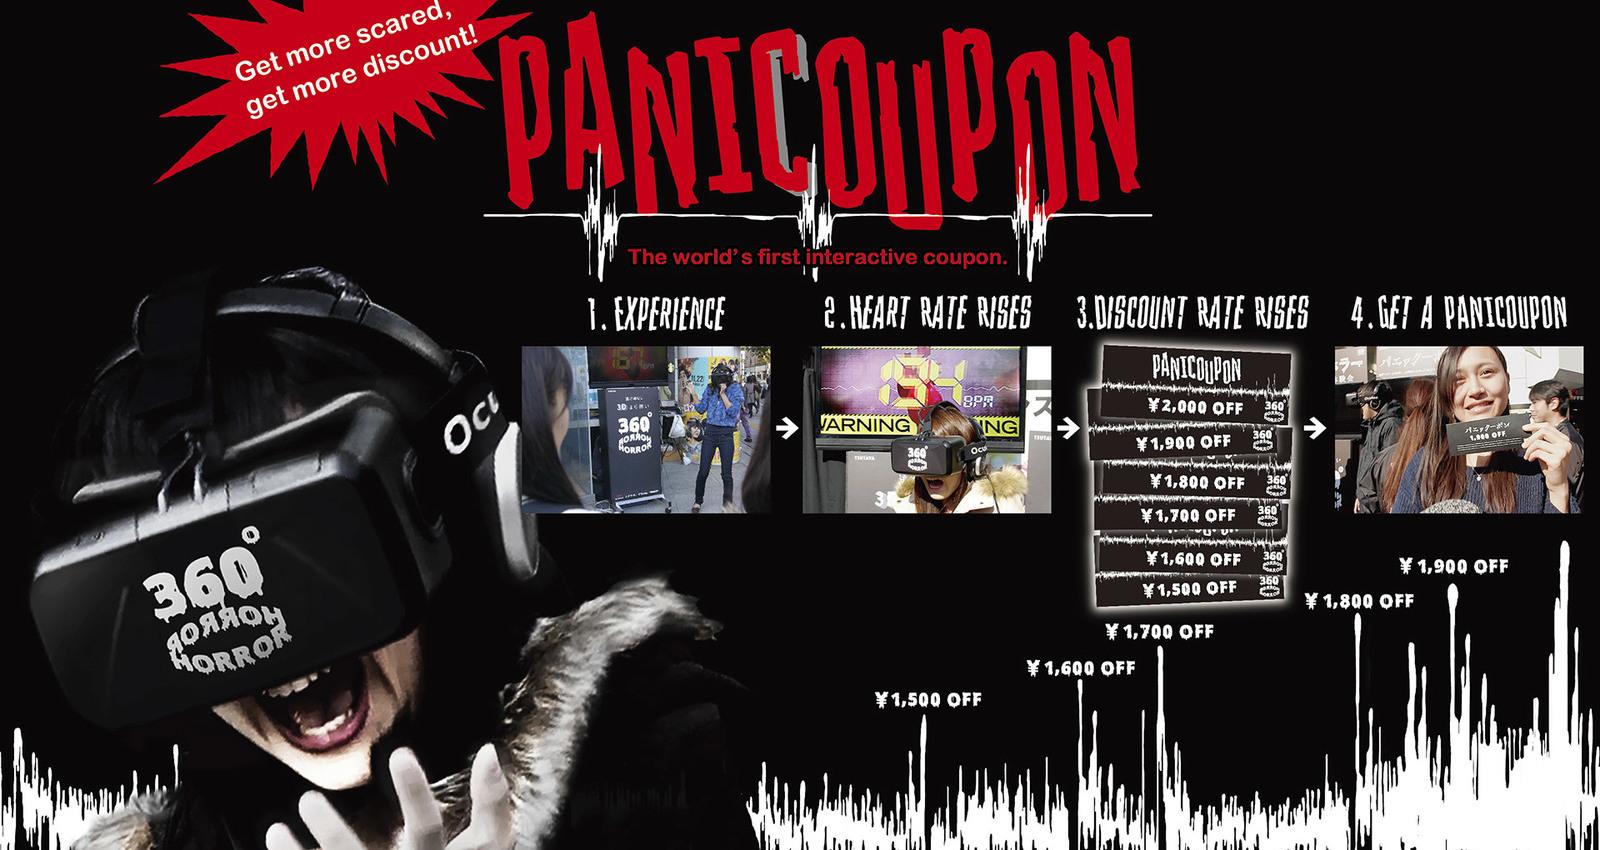 PANICOUPON